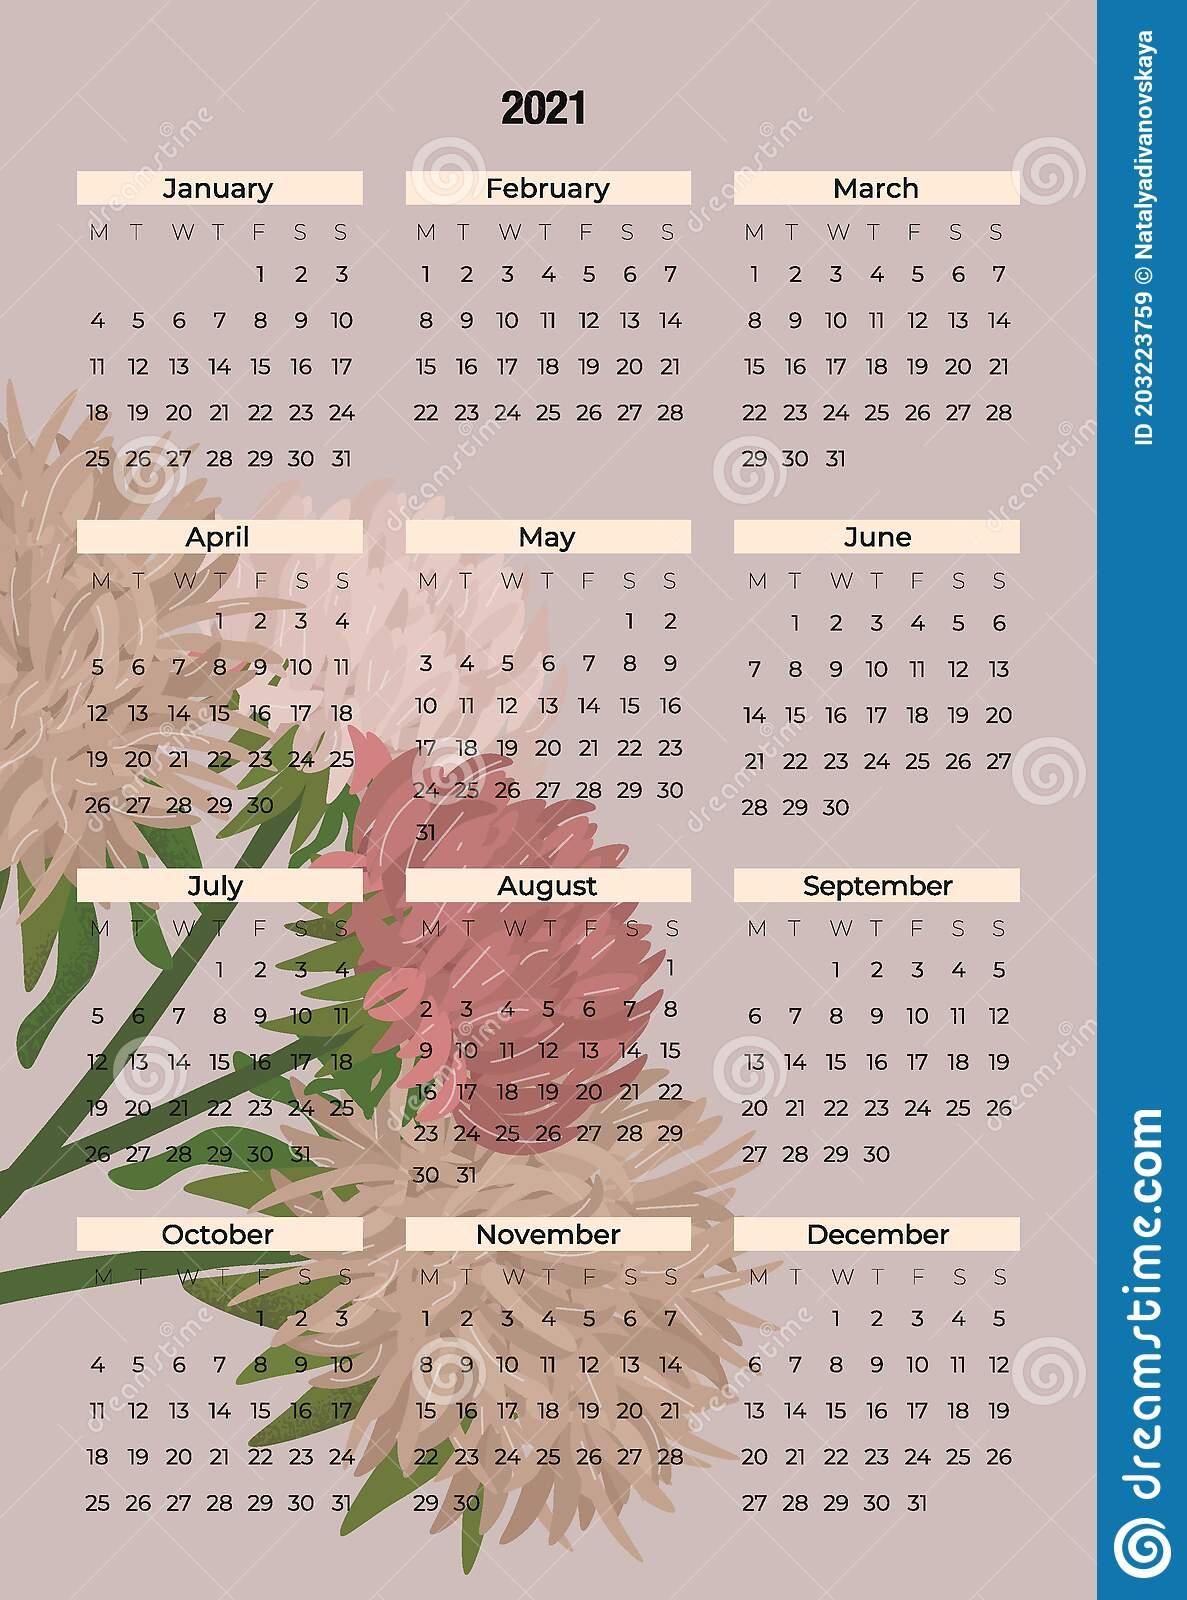 Free Printable W-9 Form 2021